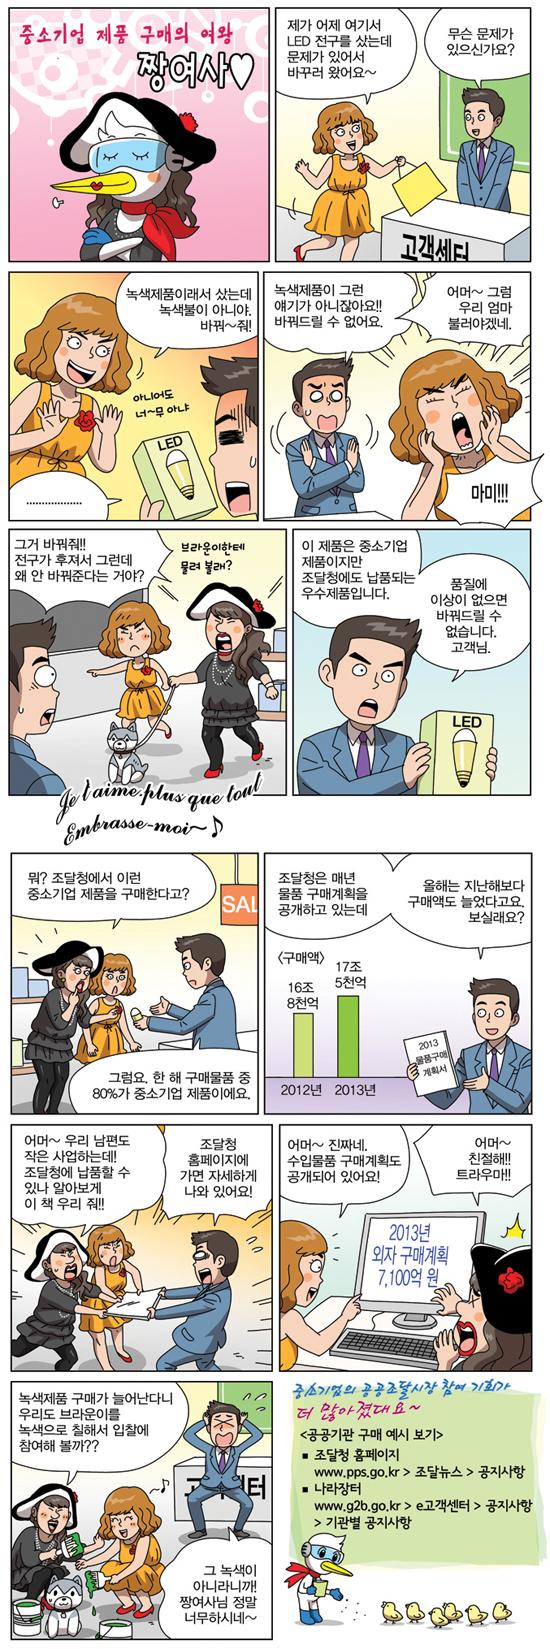 조달청 '중소기업 제품 구매의 여왕 짱여사' 편 ⓒ홈페이지 캡처